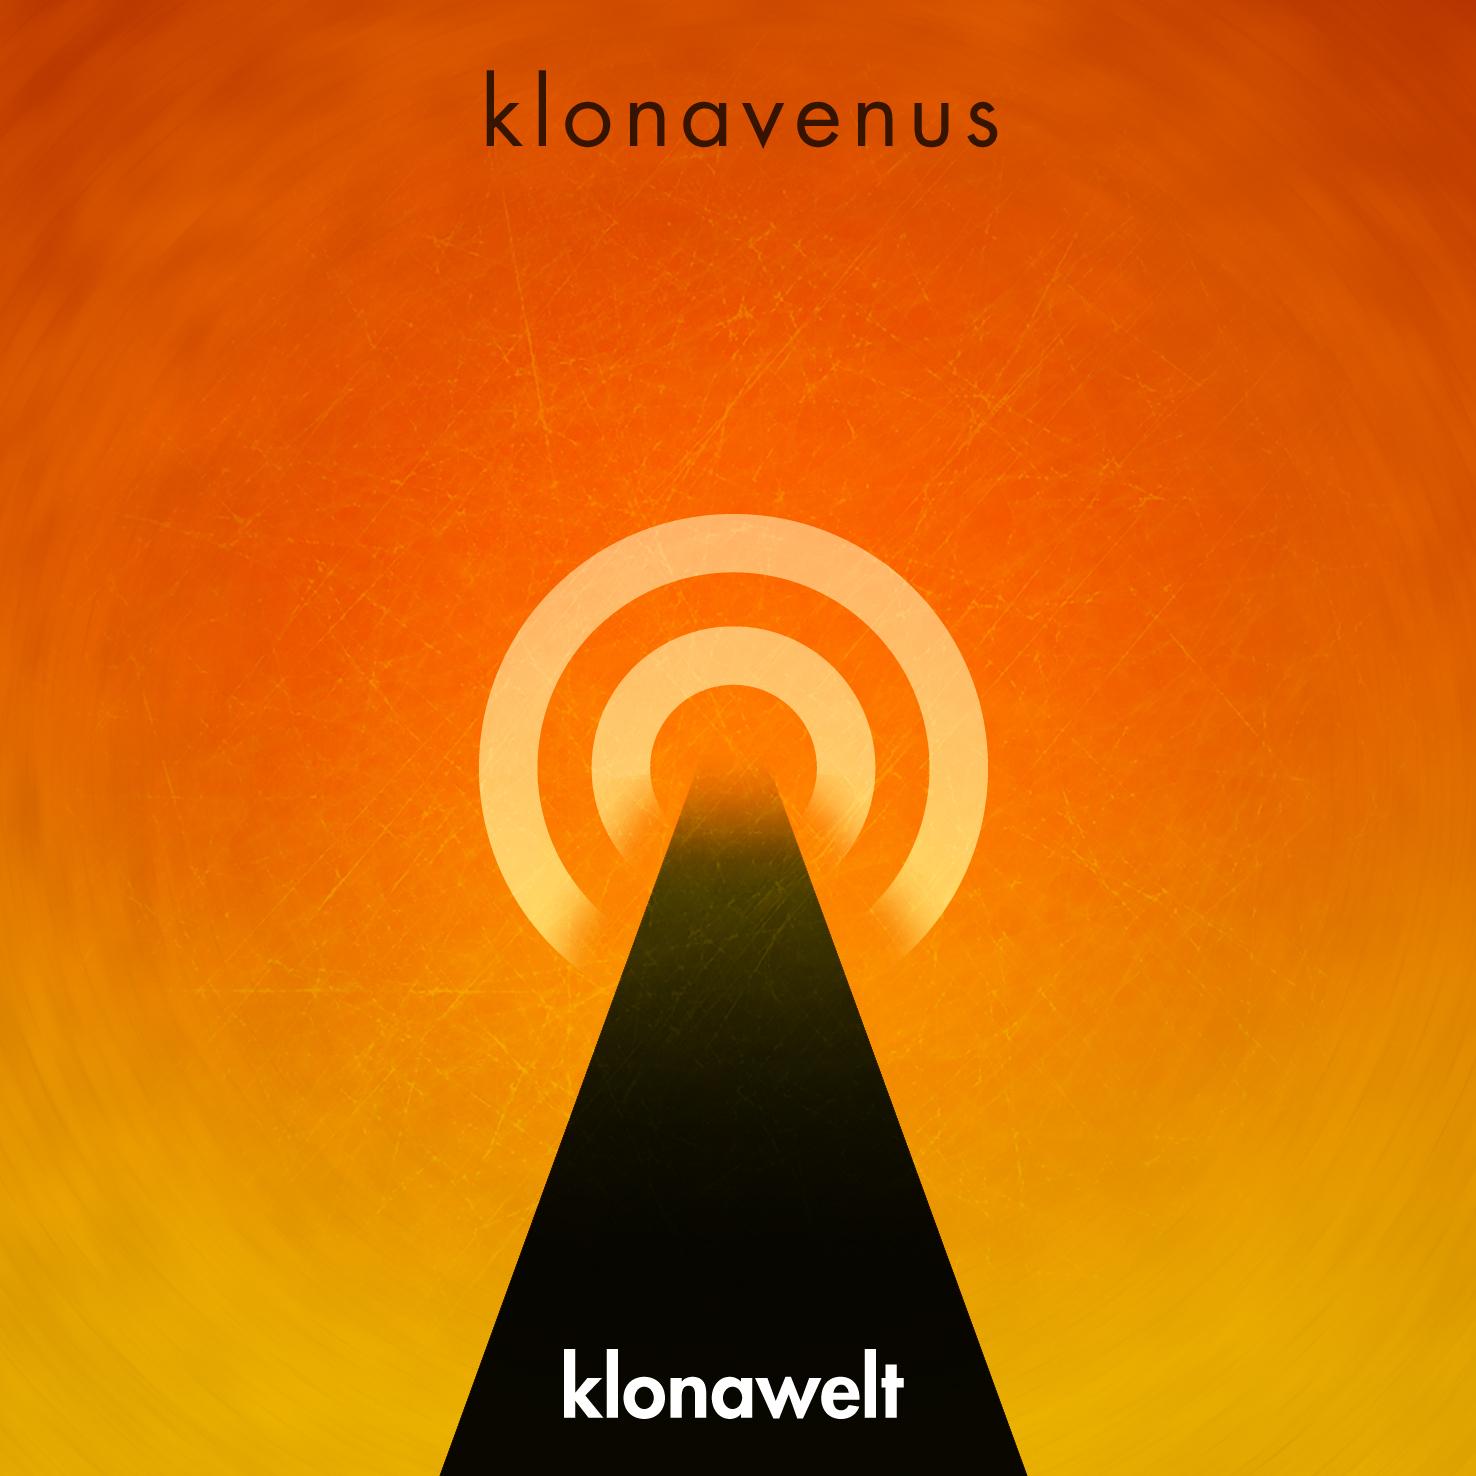 release of the week : Klonavenus – Klonawelt